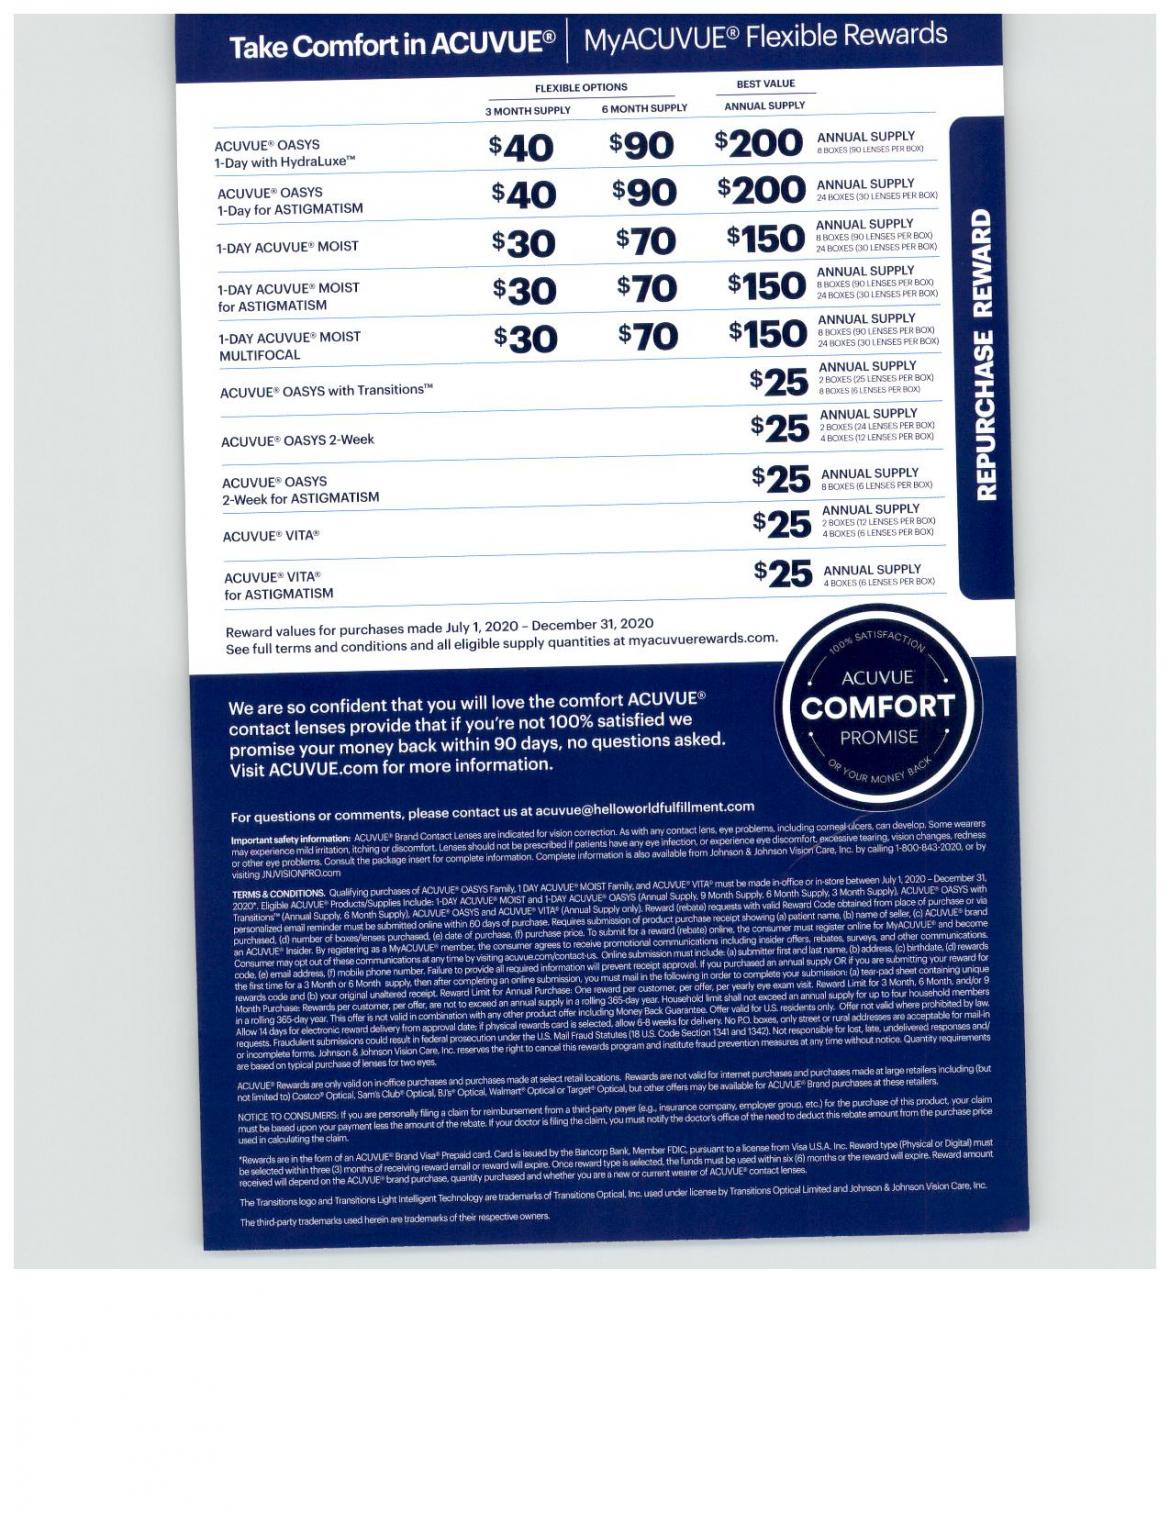 Acuvue-rebate-page-002.jpg